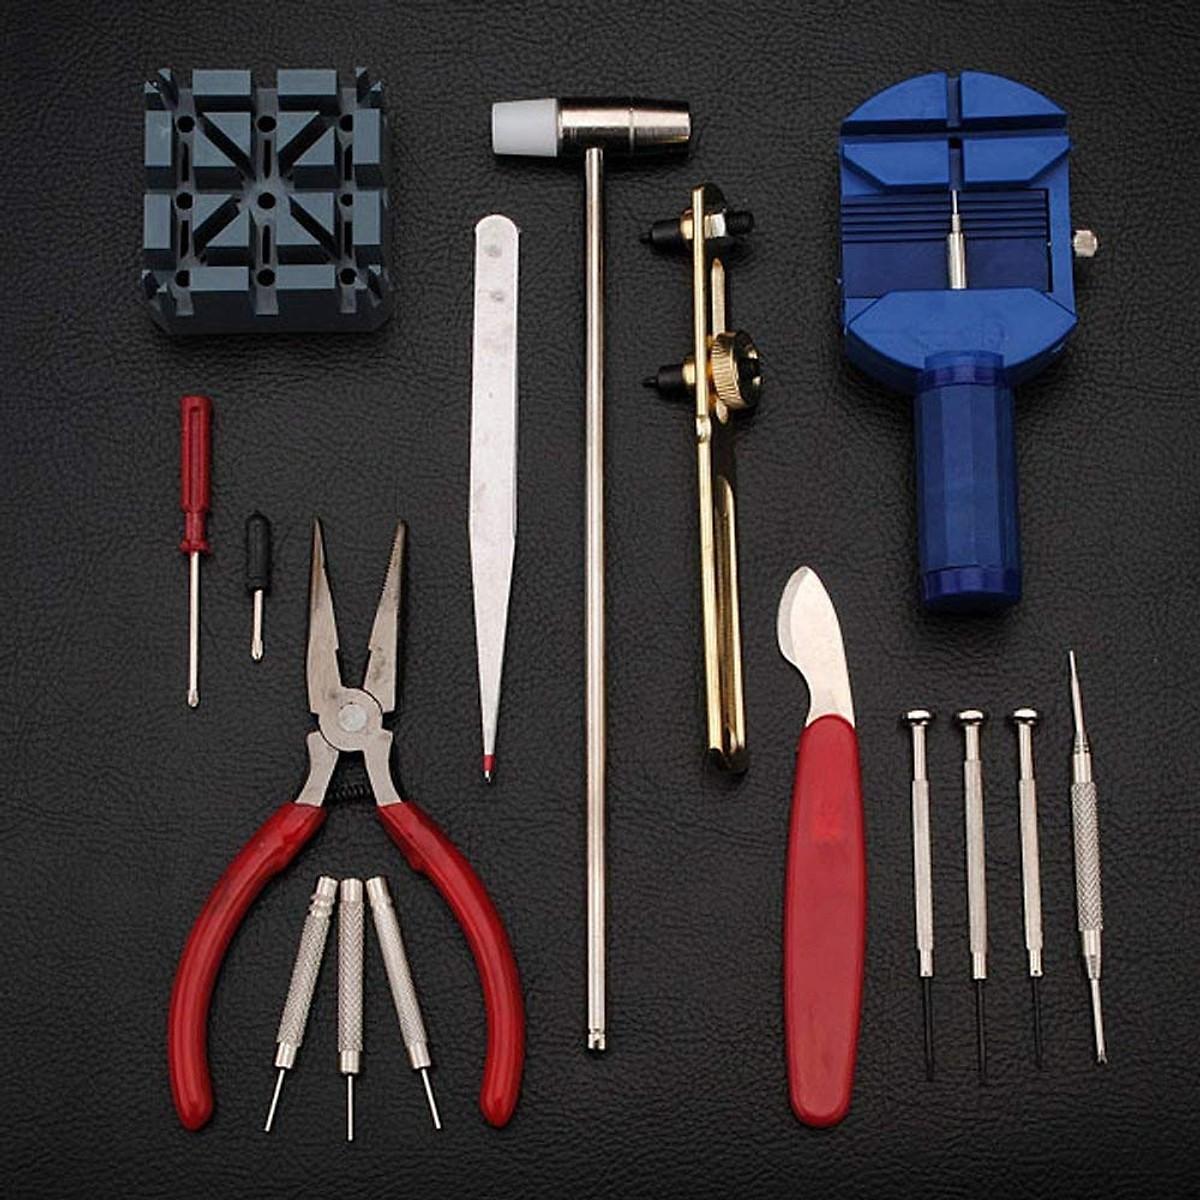 Bộ dụng cụ sửa đồng hồ chuyên nghiệp